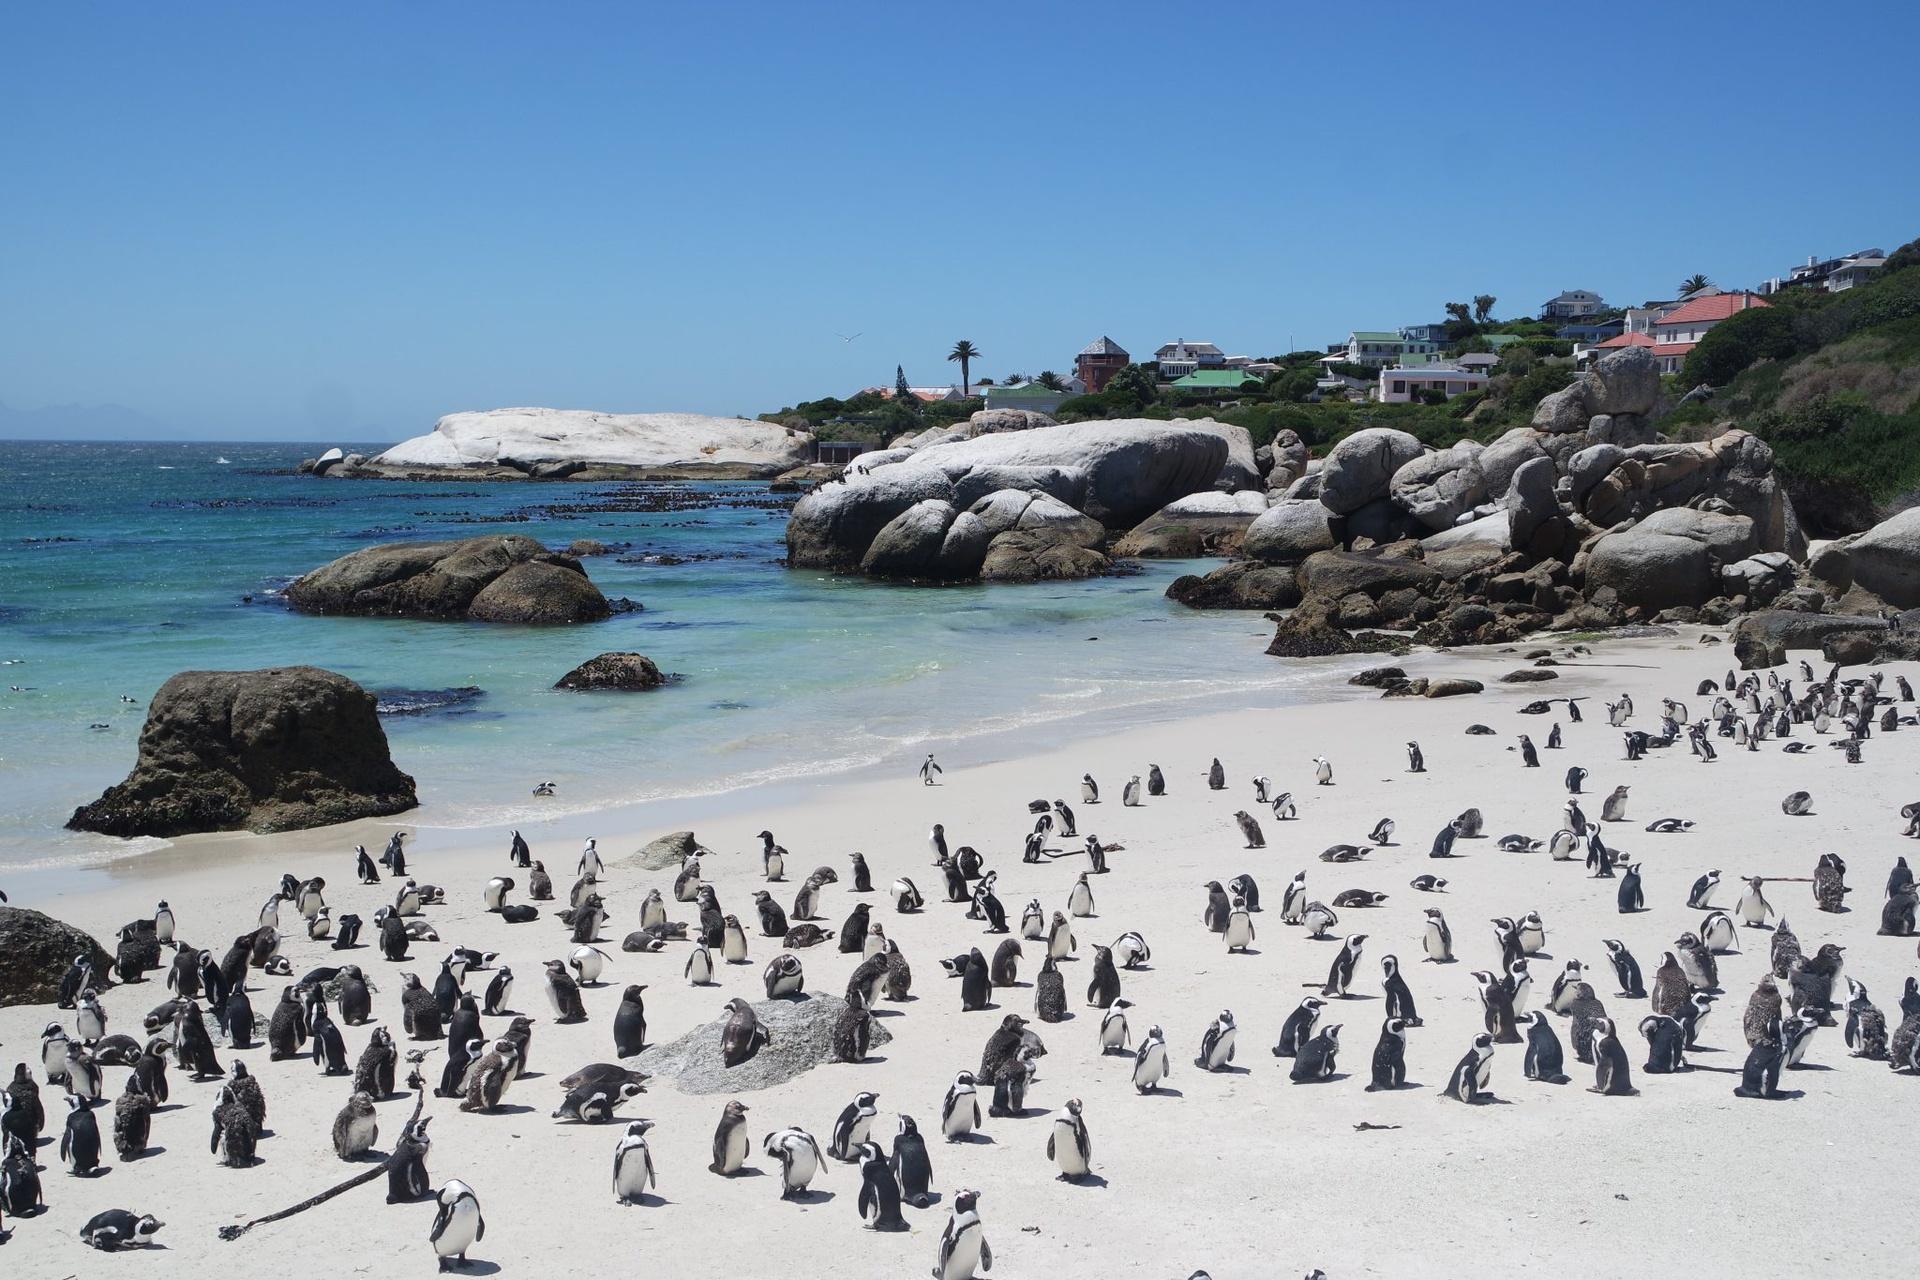 Chùm ảnh: Những bãi biển kỳ lạ nhất trên thế giới